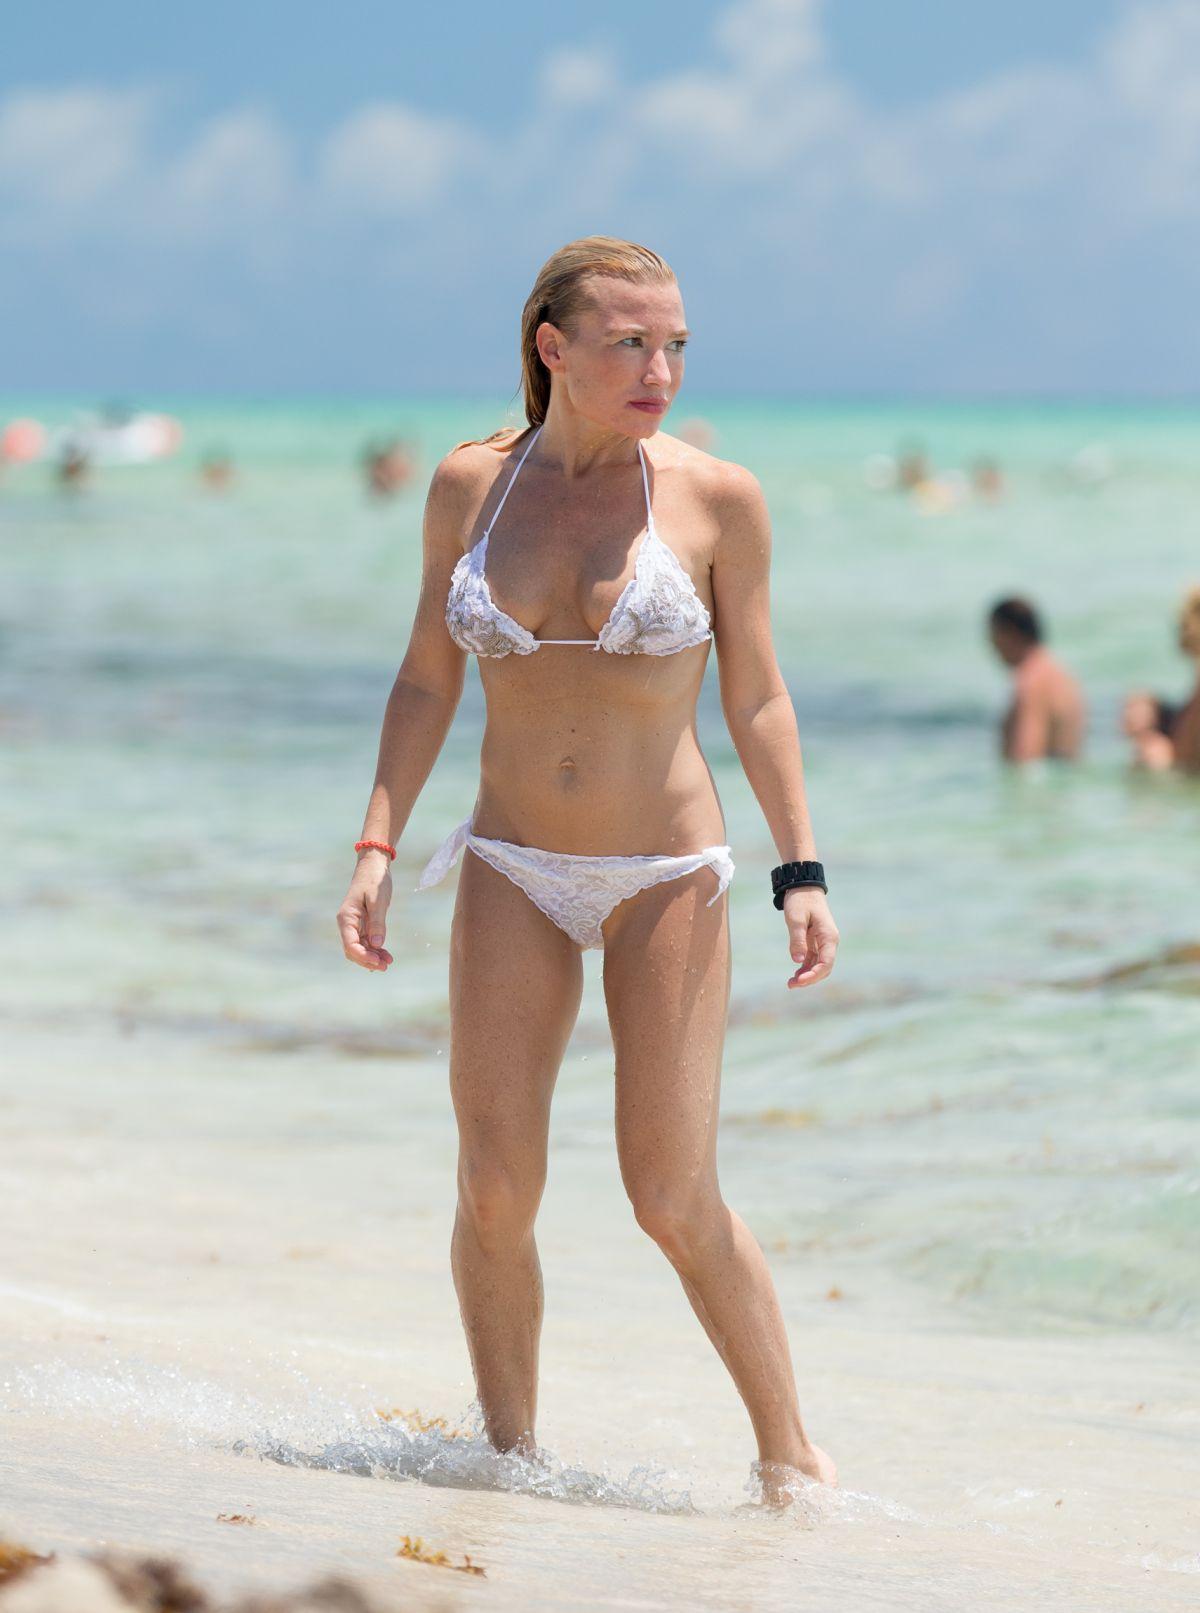 TRACY ANDERSON on Bkini at a Beach in Miami 06/08/2015 ... Emma Watson Boyfriend